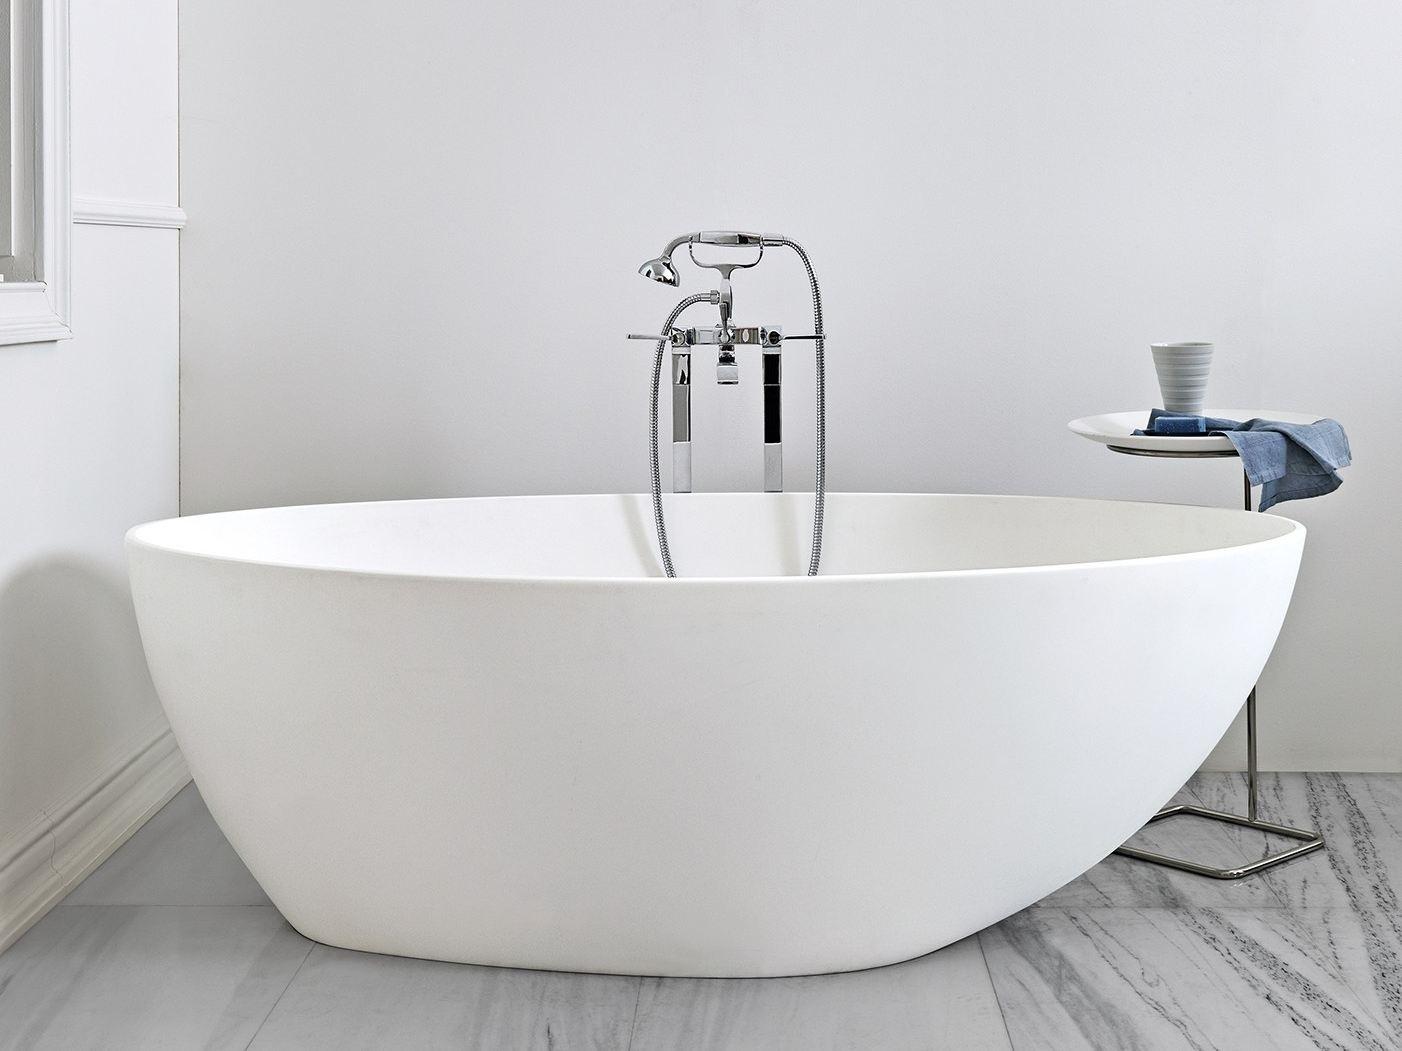 Rubinetteria Vasca Da Bagno Zucchetti : Kos vasche da bagno vasche da bagno edilceramiche di maccanò